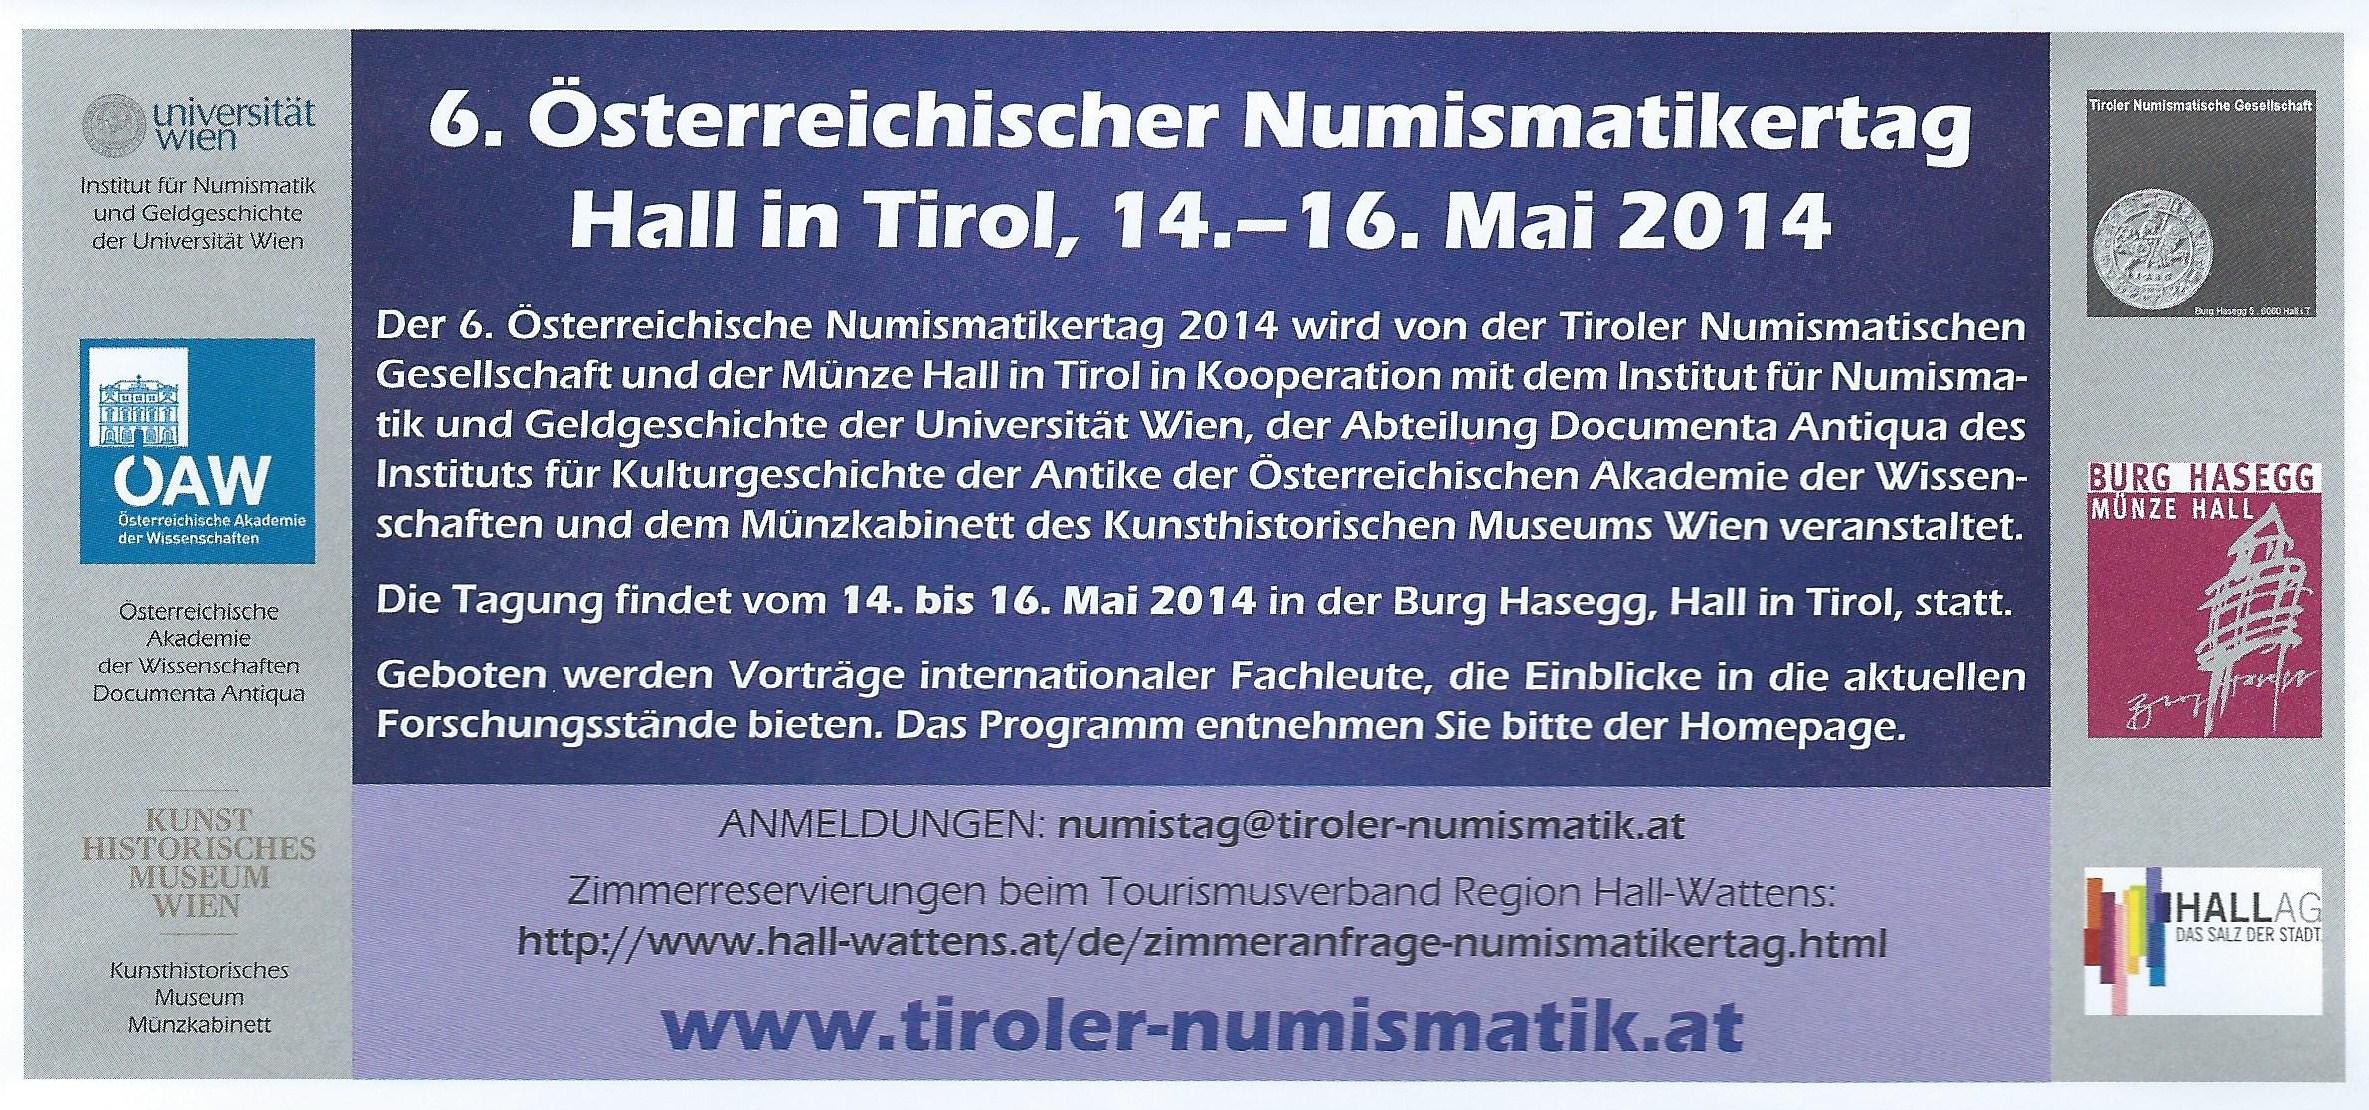 6. Österreichischer Numismatikertag, Hall/Tirol, 14.-16.5.2014